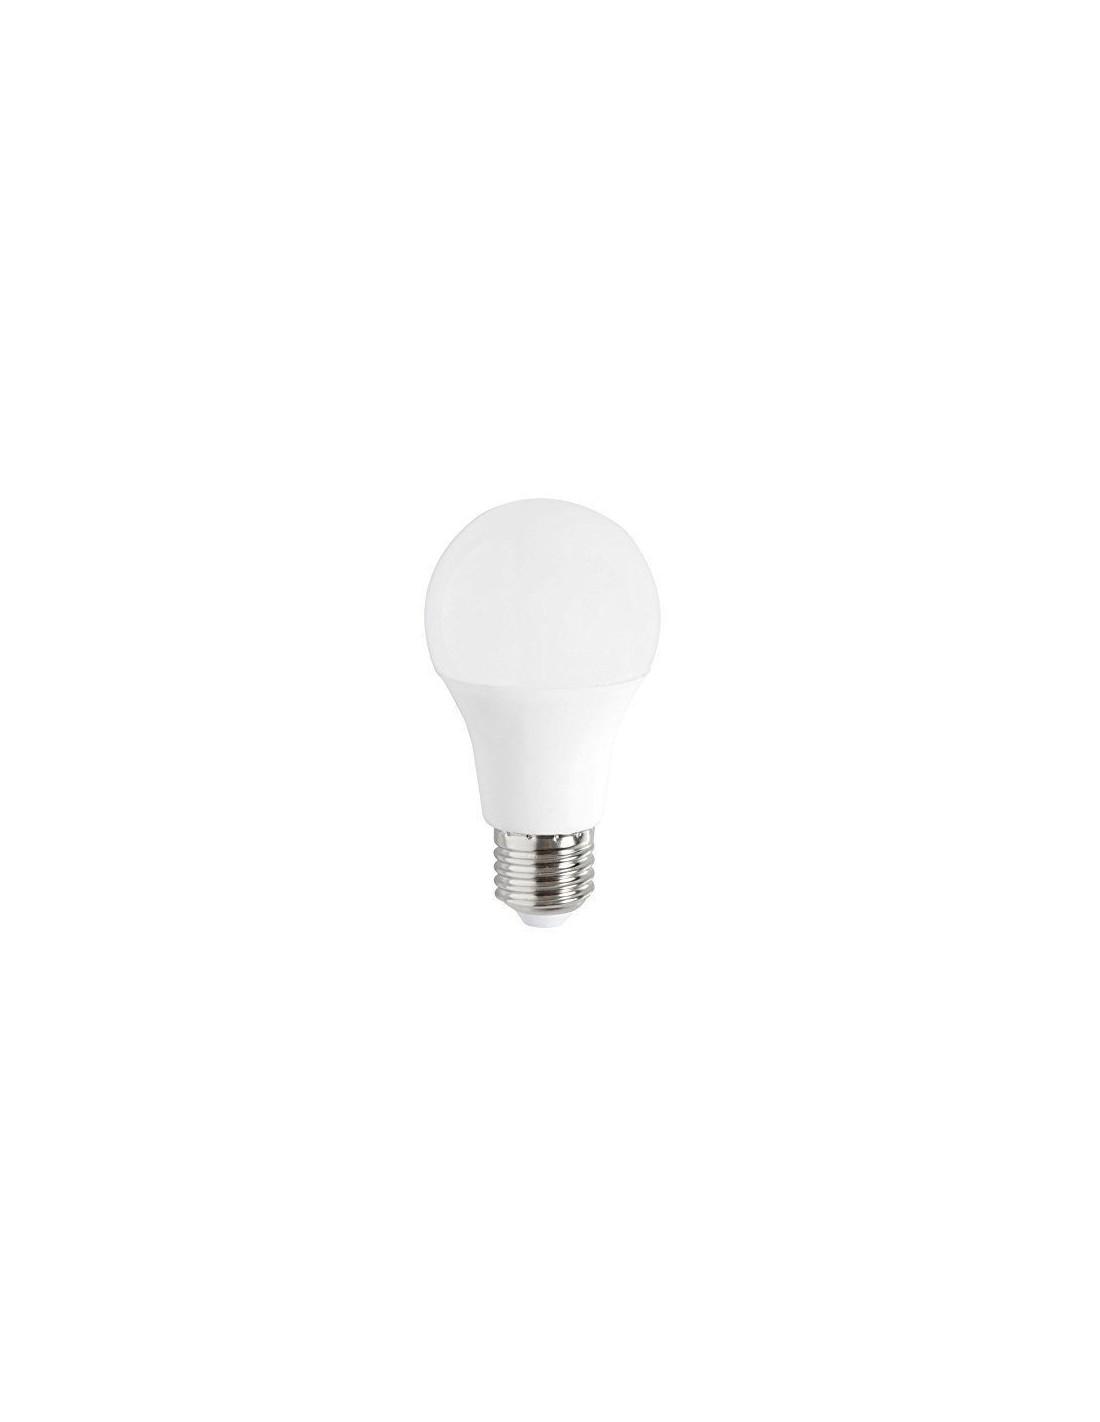 Ampoule E27 5,3W LED de la marque Duralamp chez Valente Design